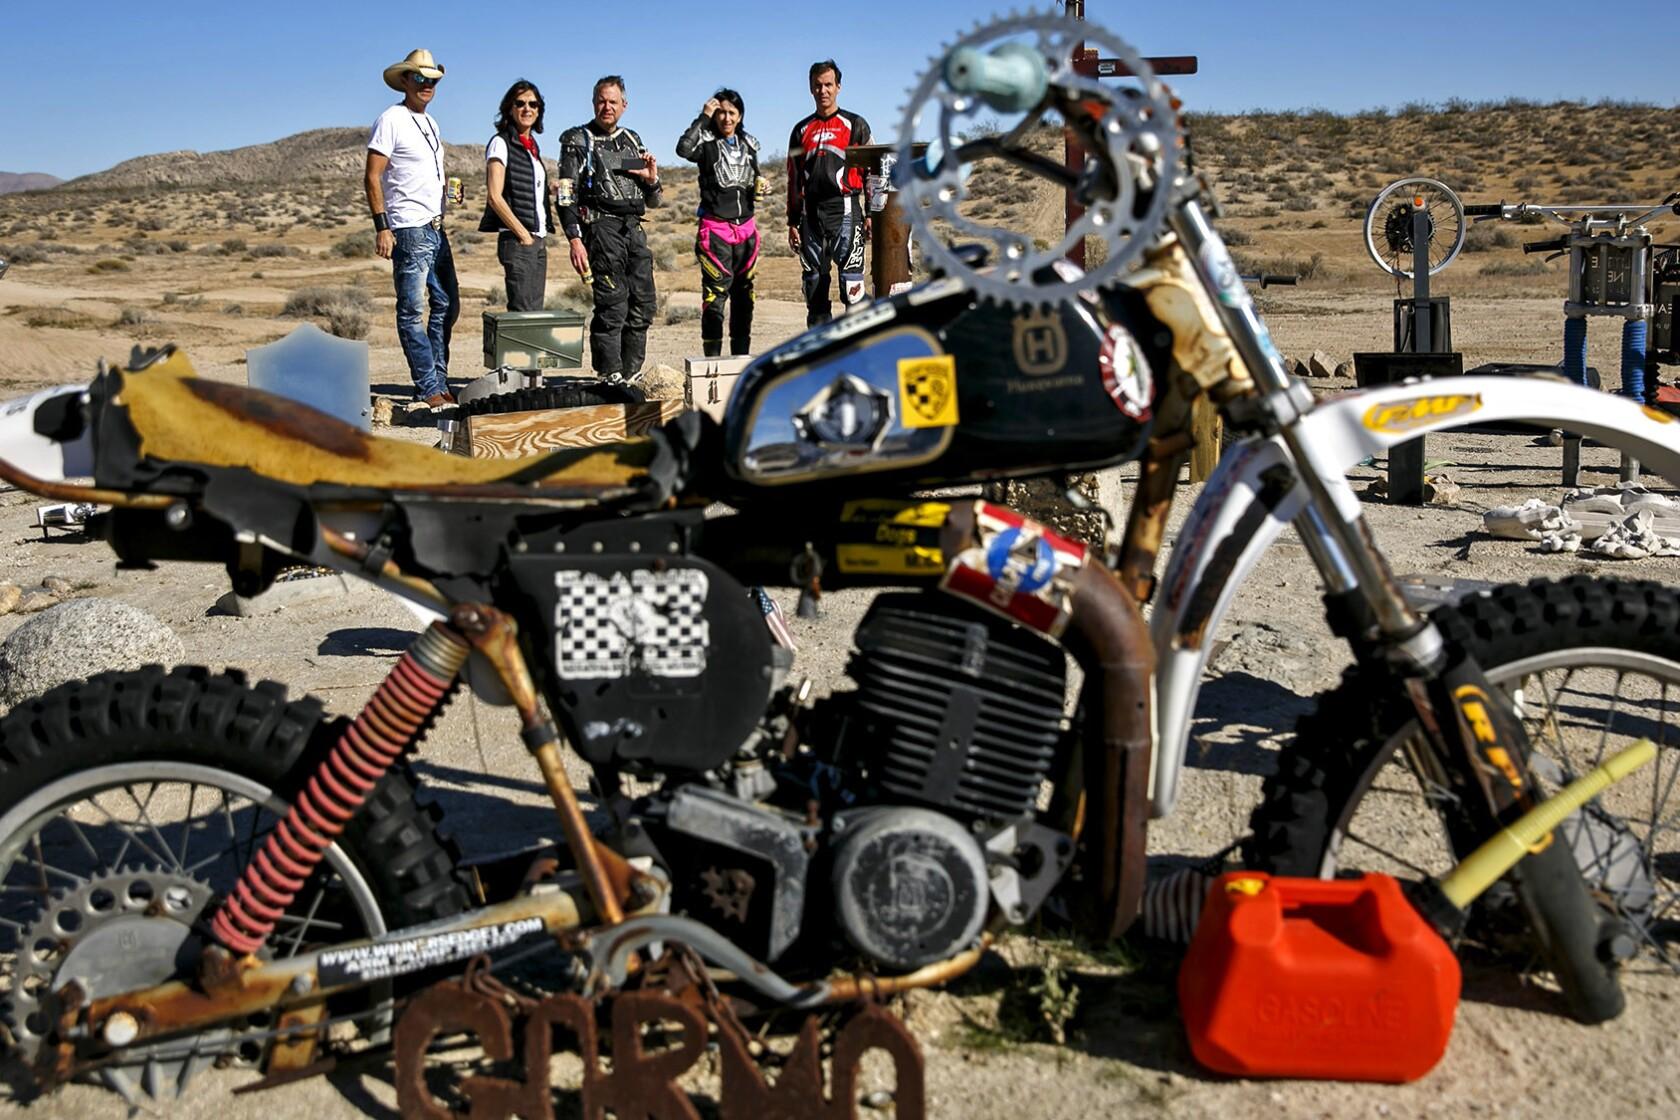 Deep In The Mojave Desert Lies A Secret Memorial To Fallen